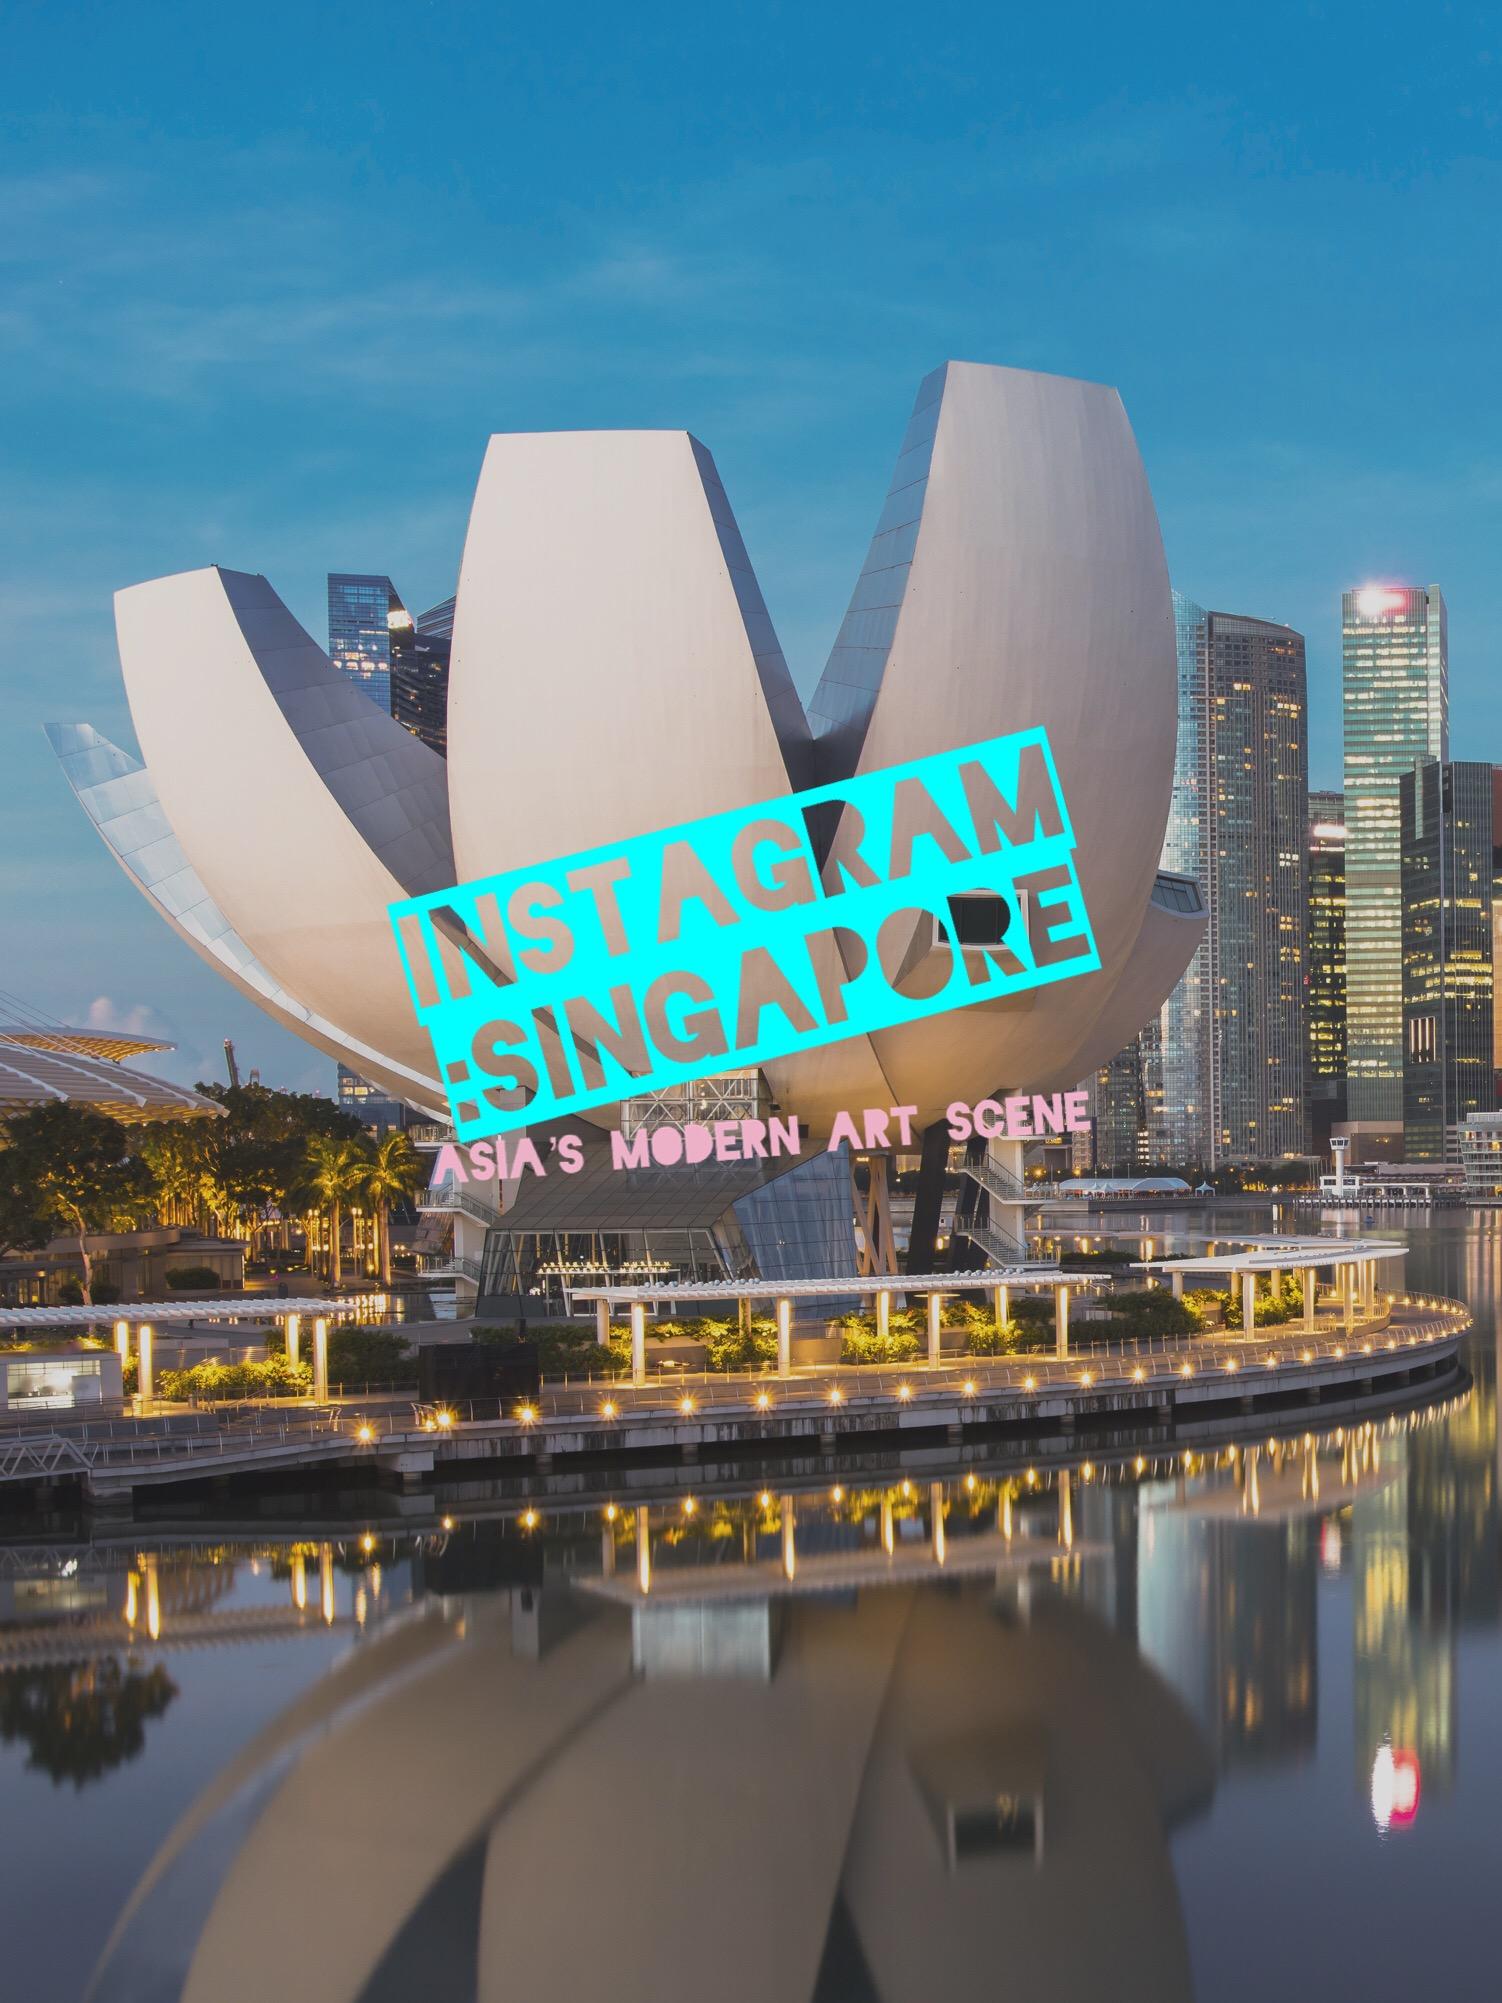 Instagram :Singapore Modern Art Scene